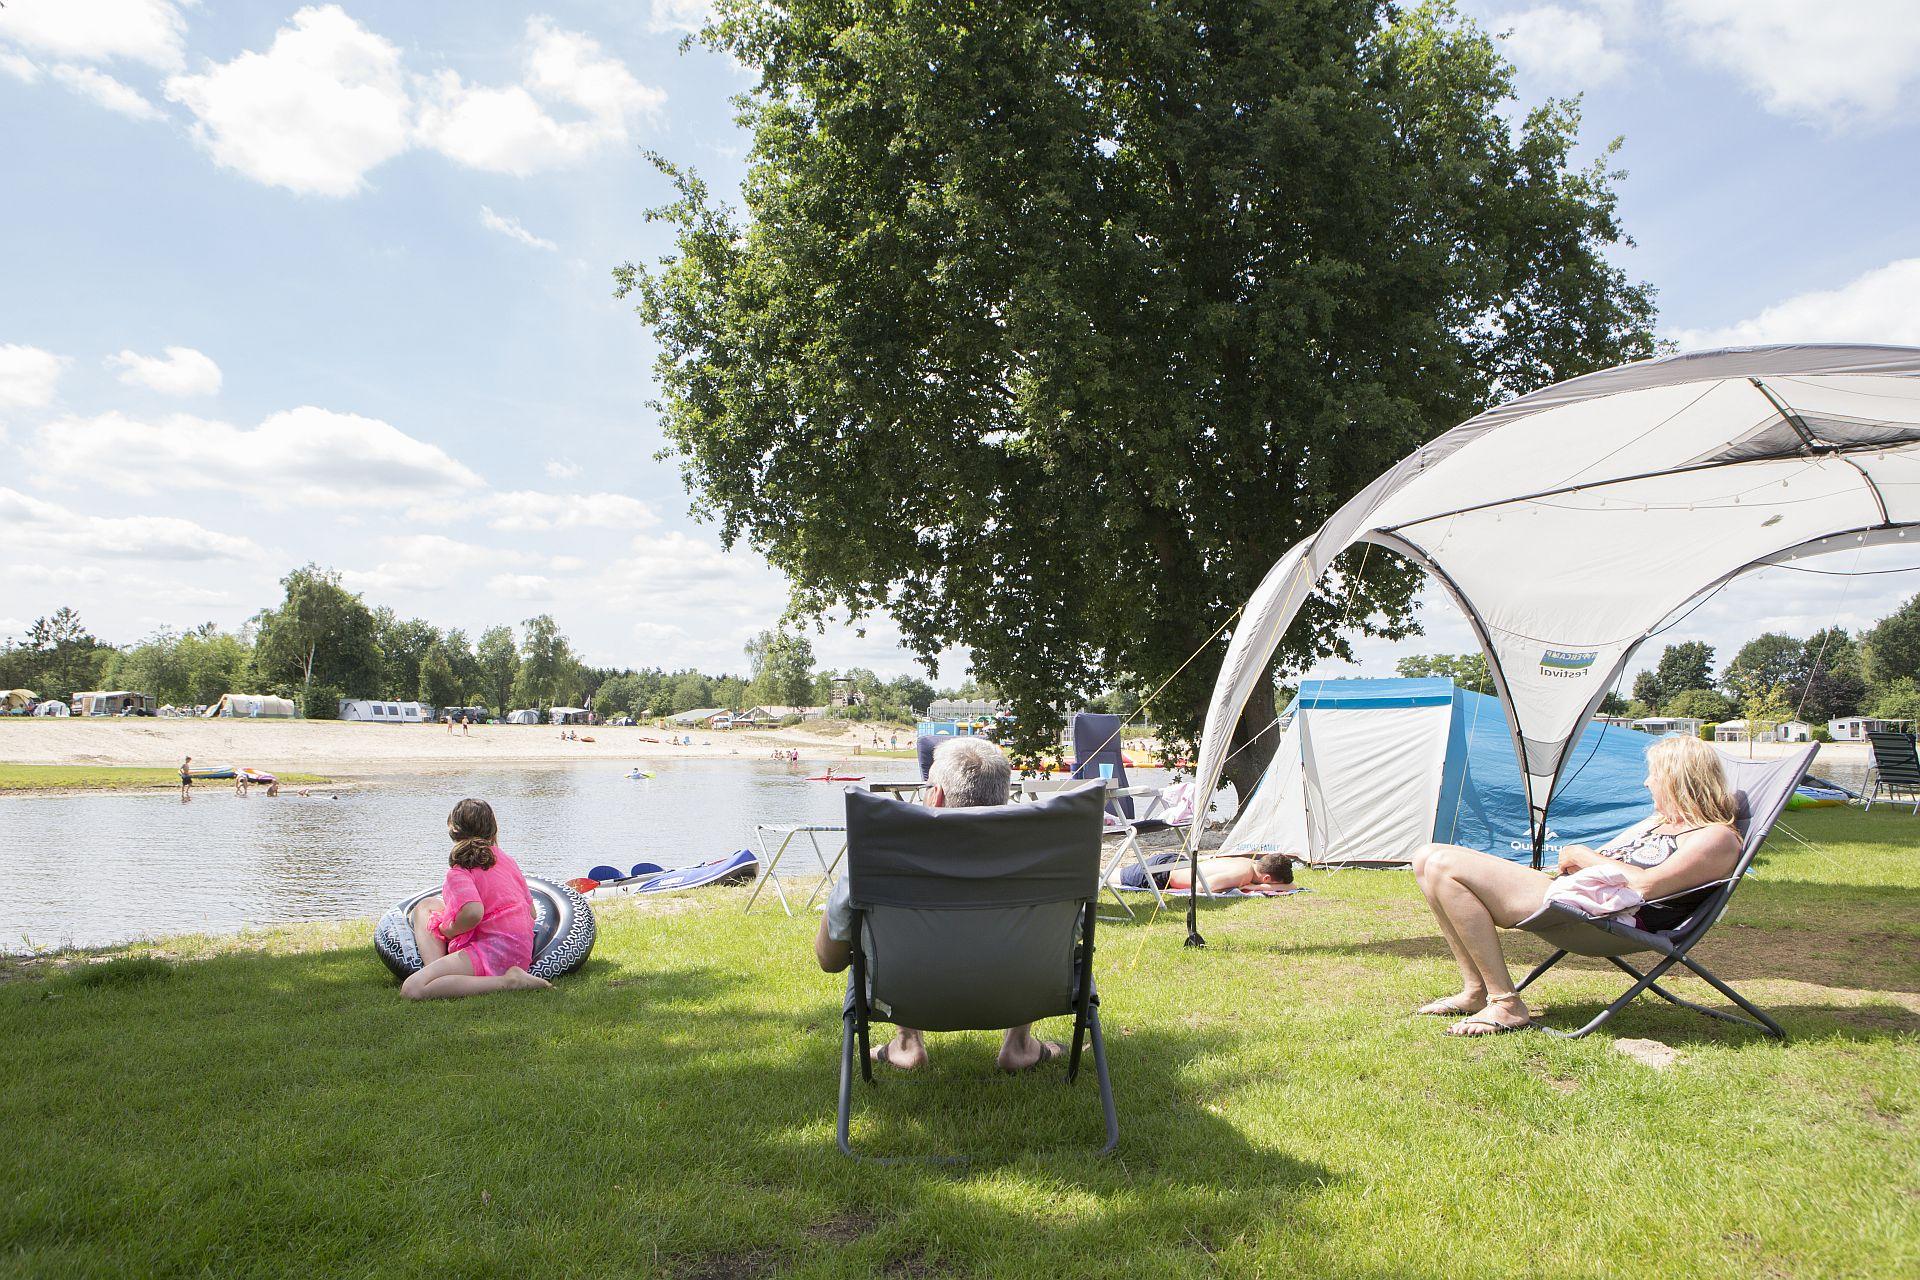 Gezinscamping in de buurt van Drenthe met 5* voorzieningen - gezins camping in de buurt van drenthe